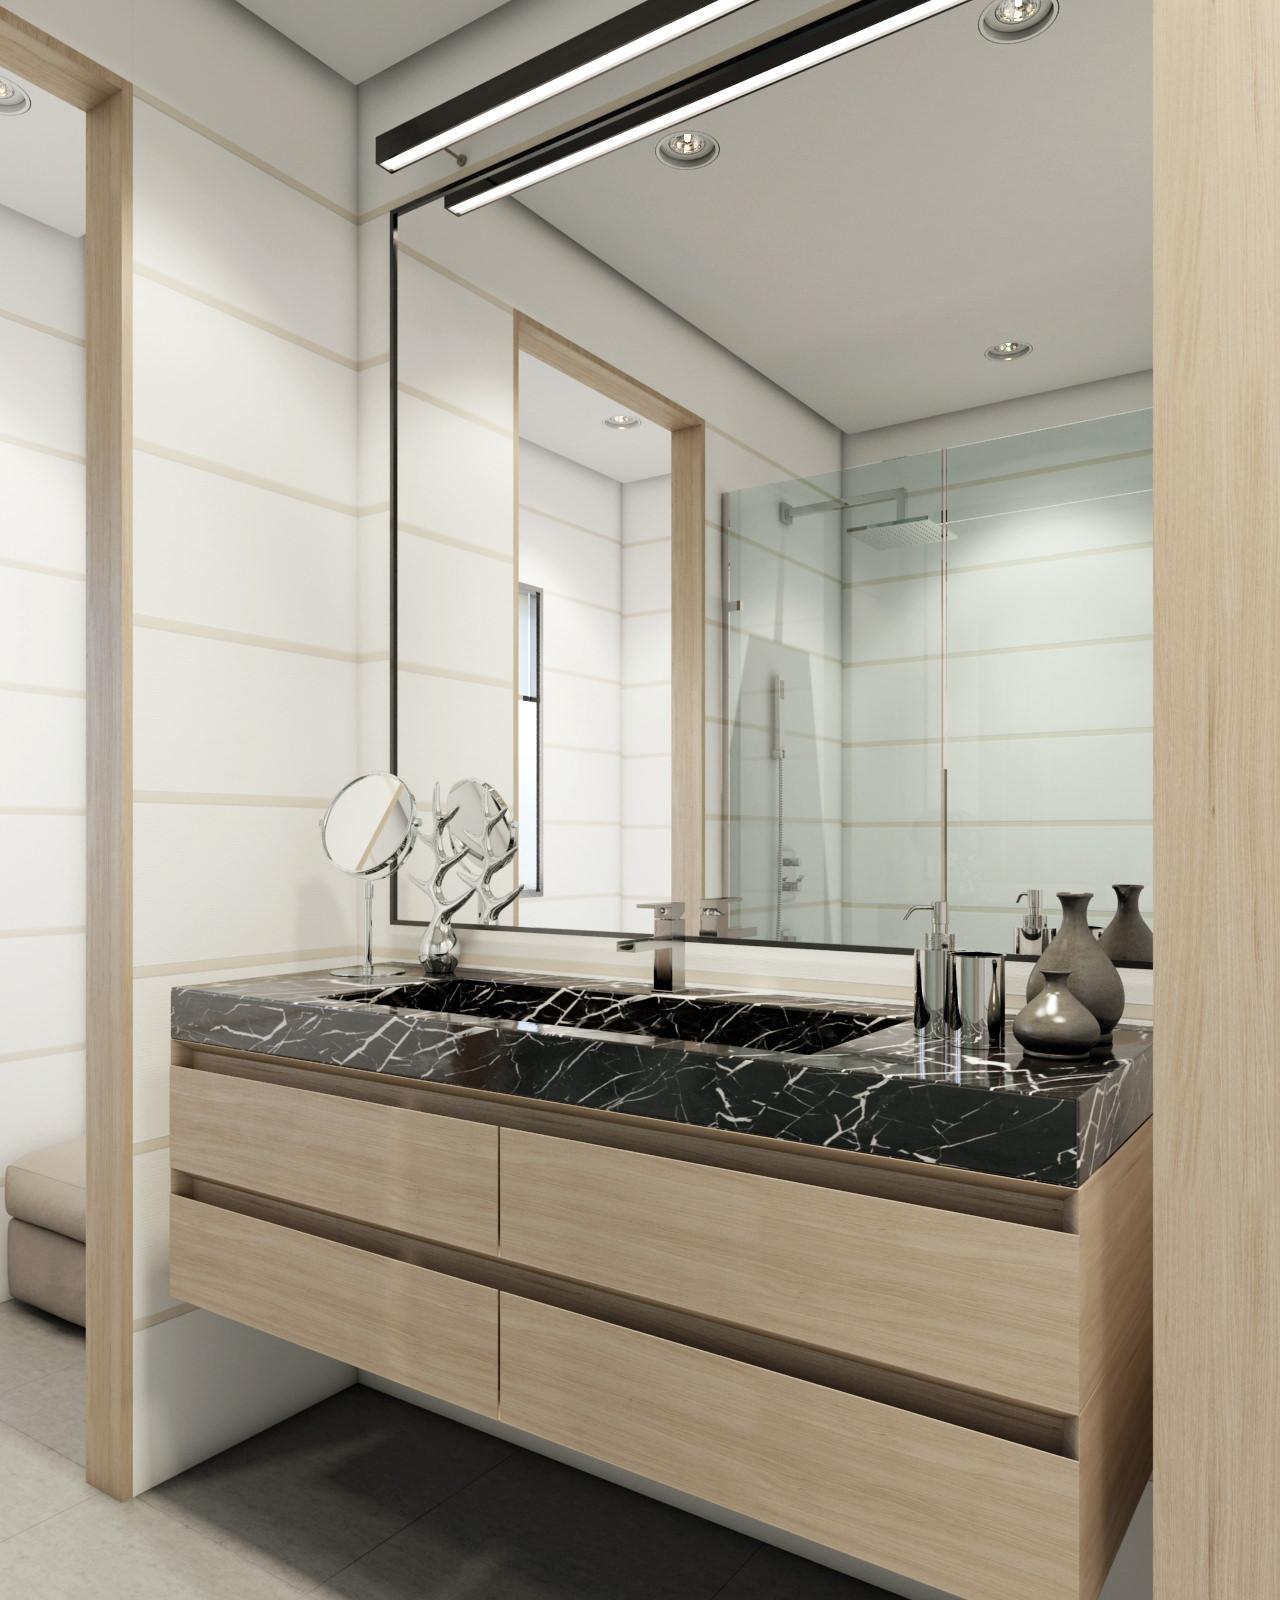 La perspective intérieure de salle de bain visuel 3D architecture de qualité